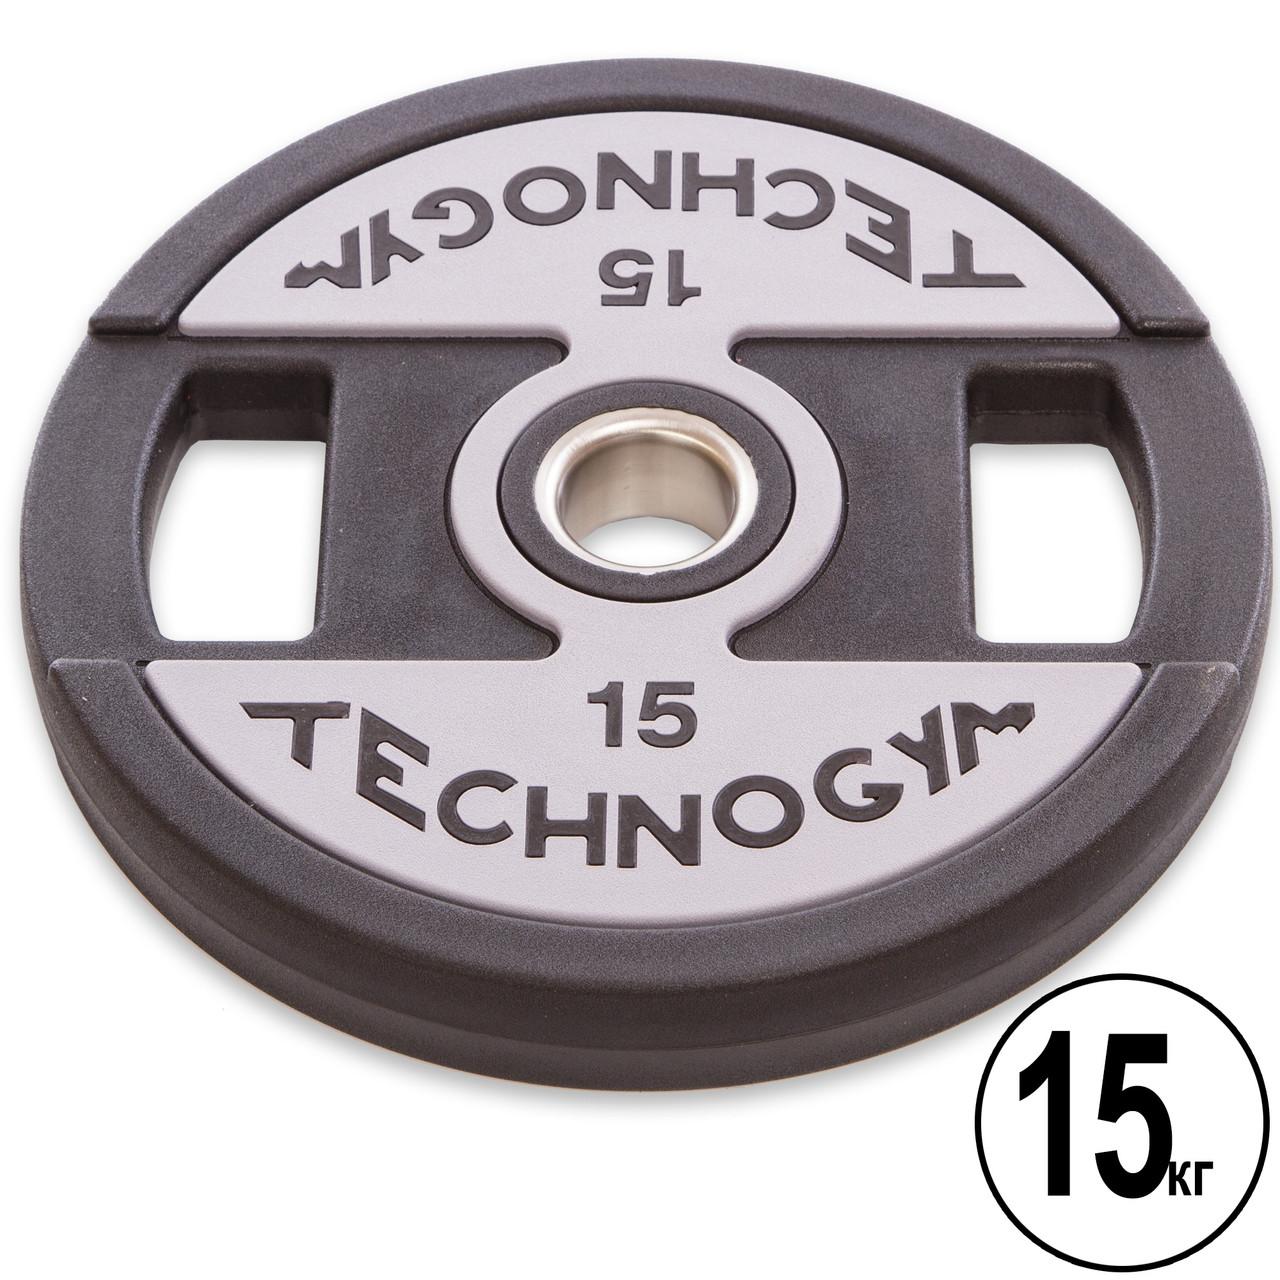 Млинці d-51мм TECHNOGYM 15кг (диски) поліуретанові з хватом і металевою втулкою